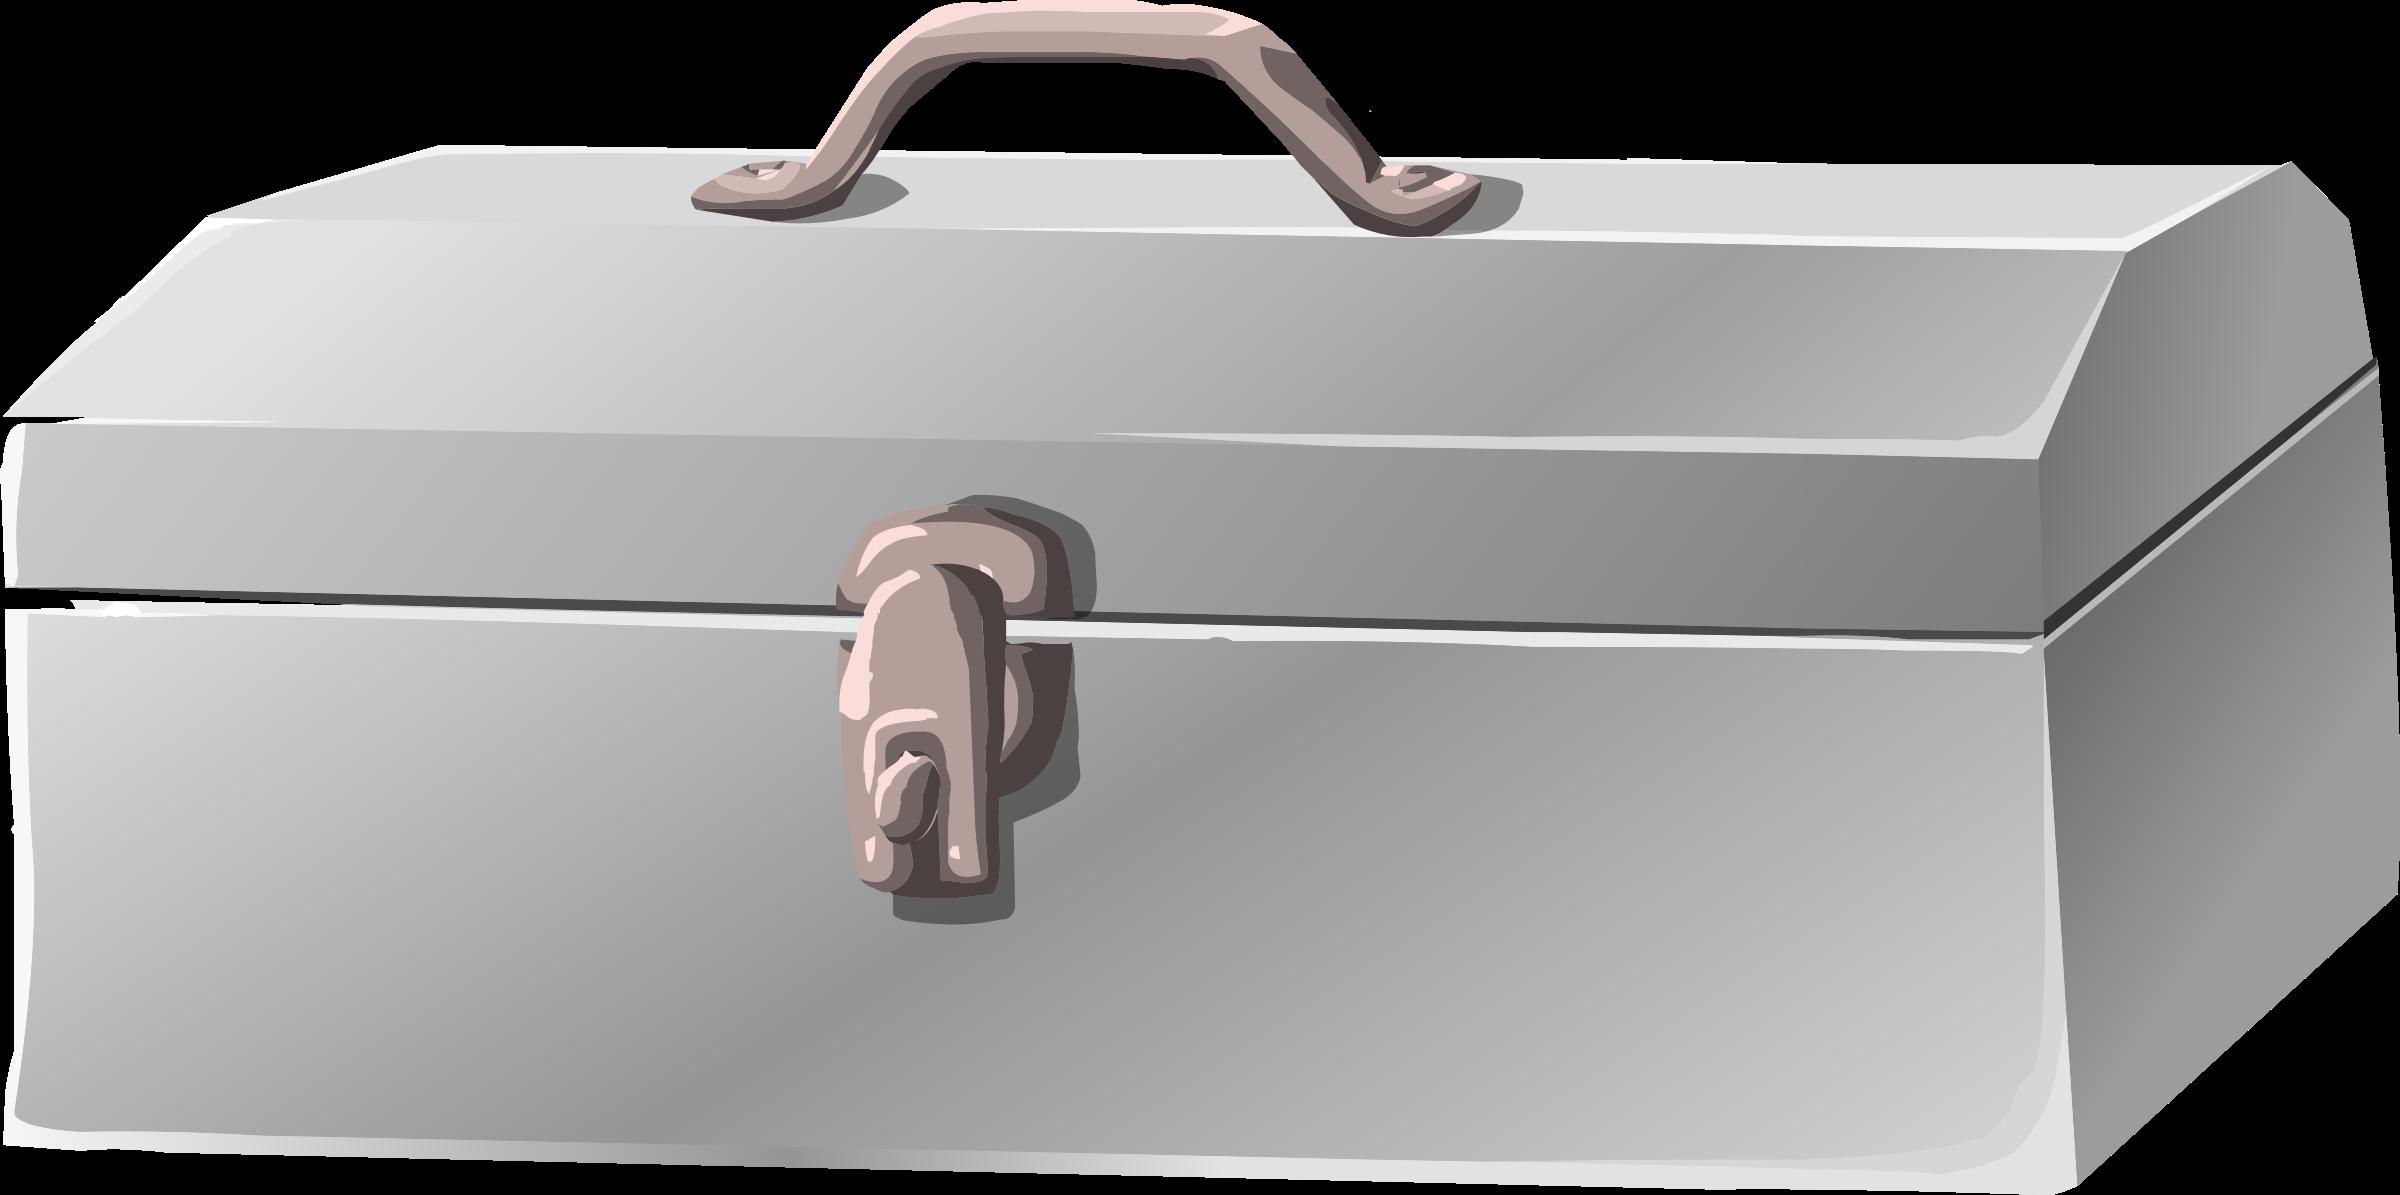 Toolbox clipart misc bag tool chrome